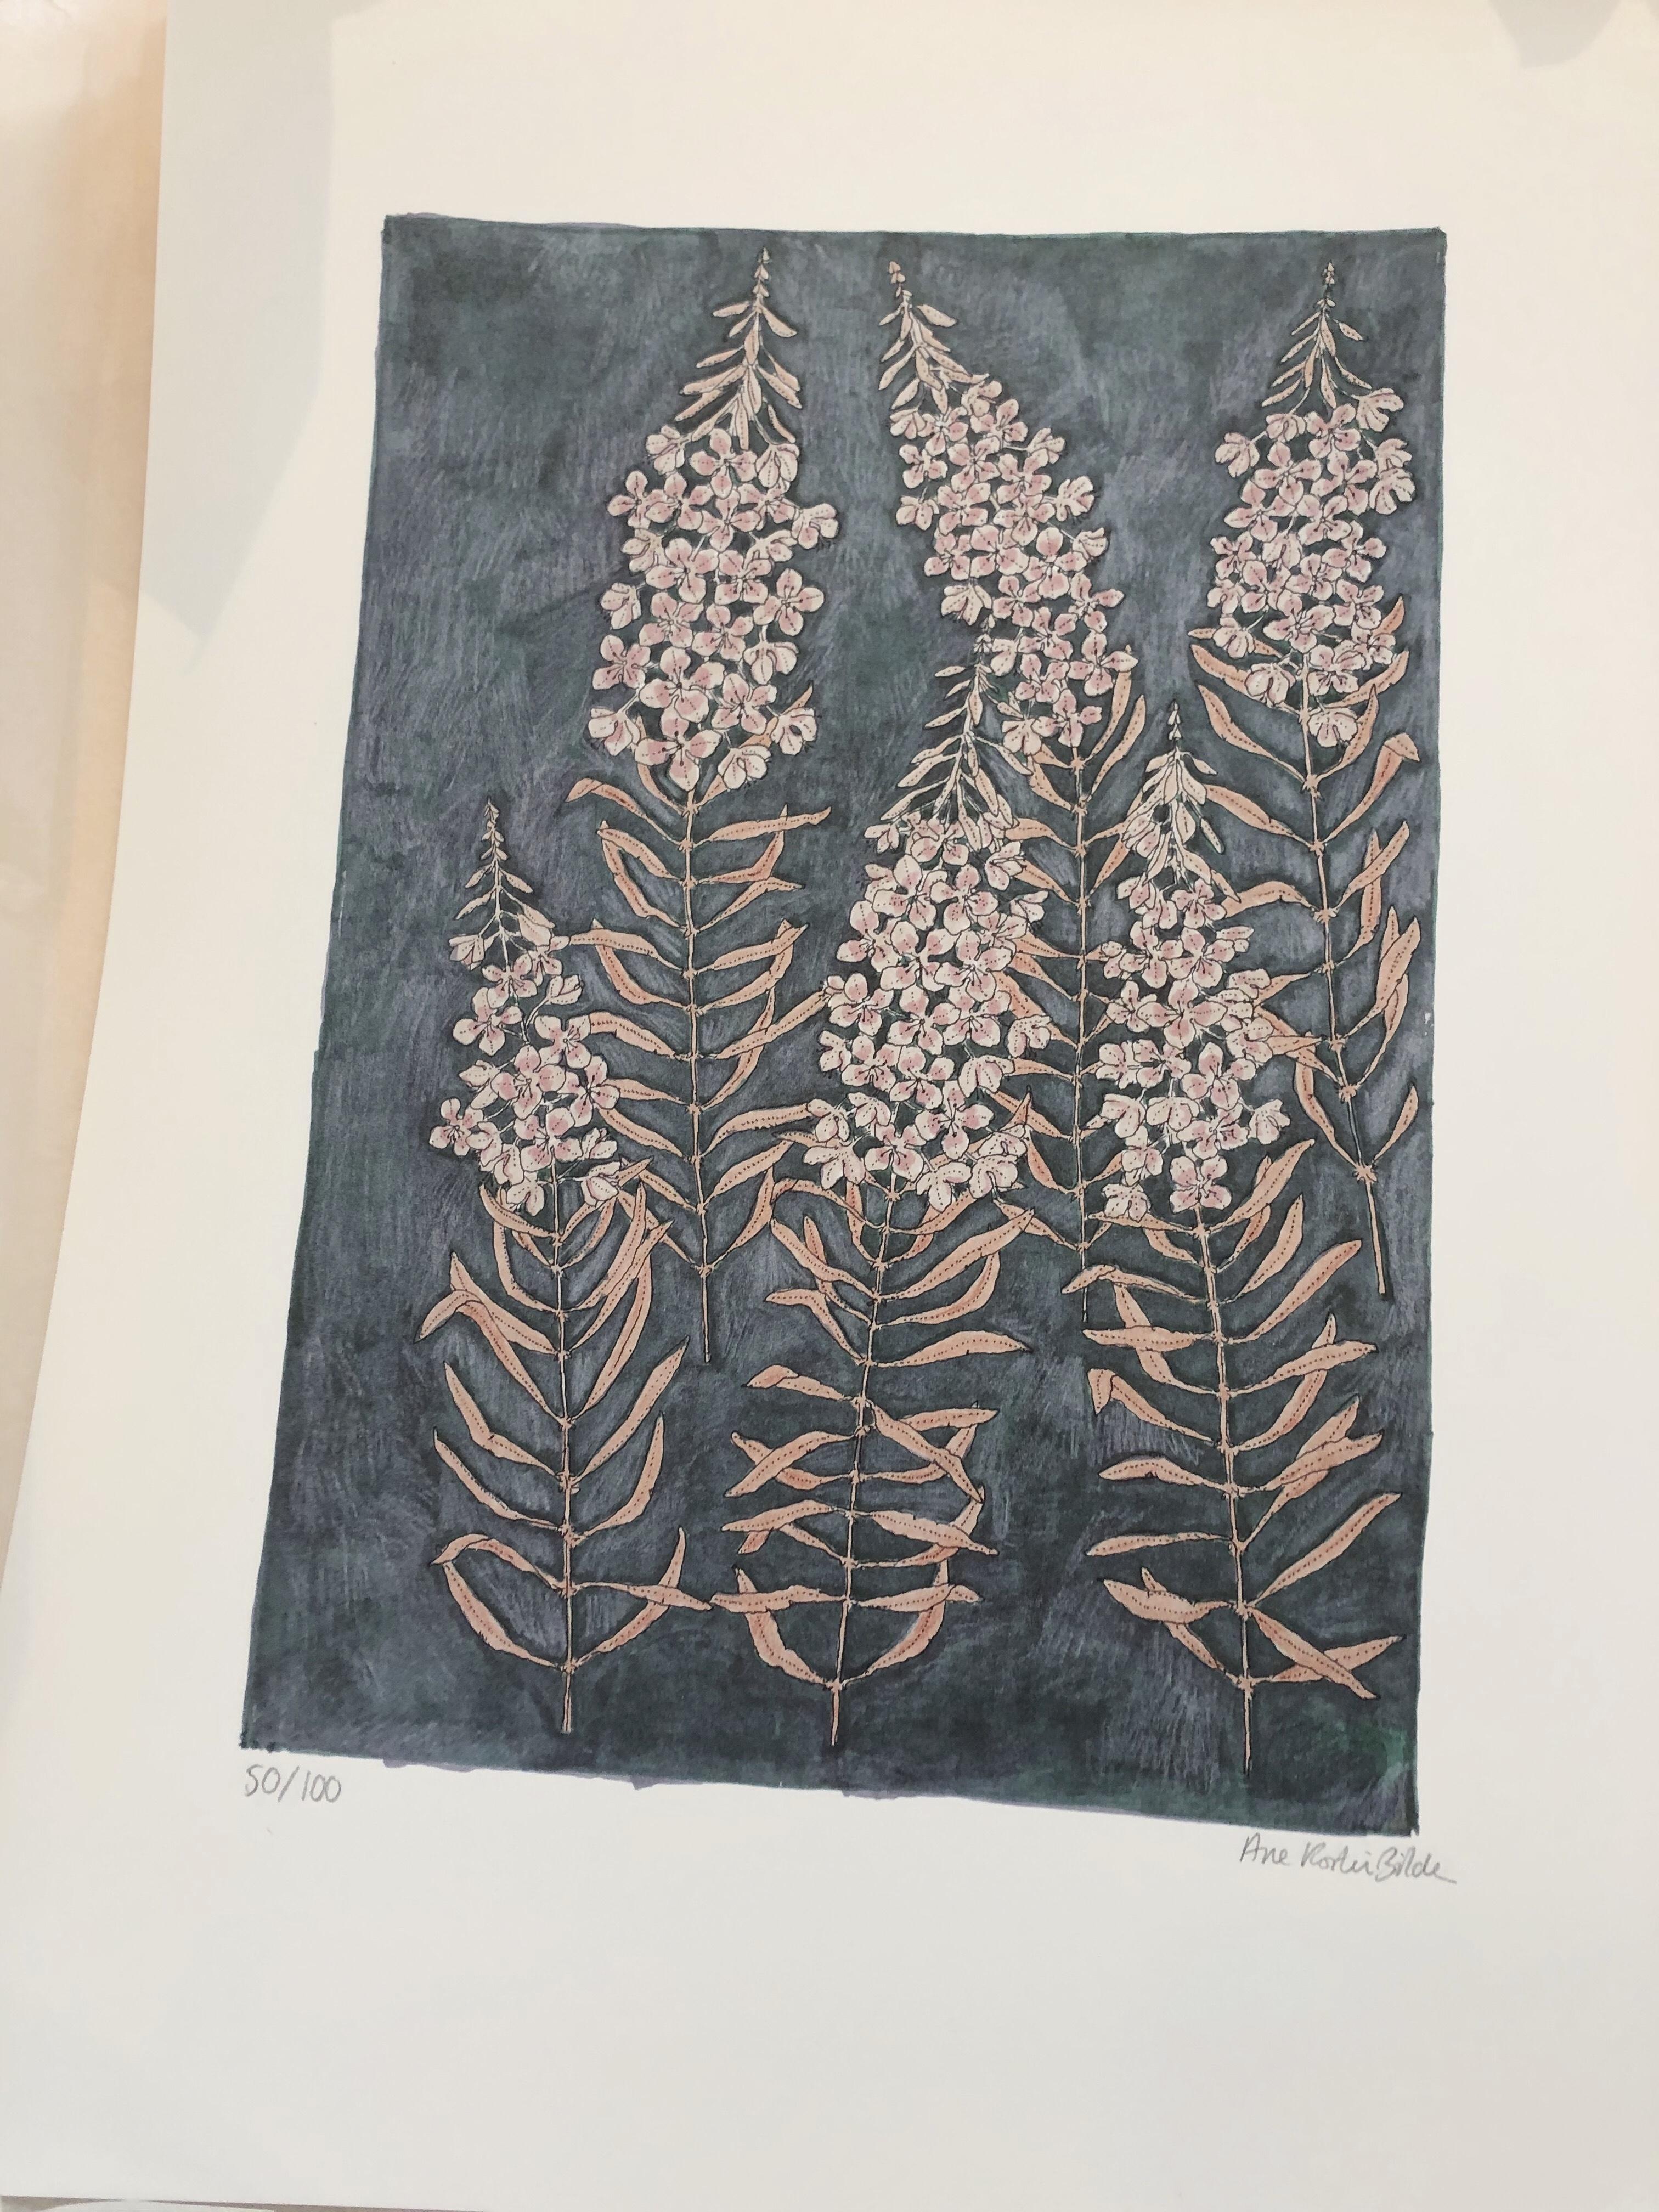 Ane Kirstine Bilde / Fireweed Artprint